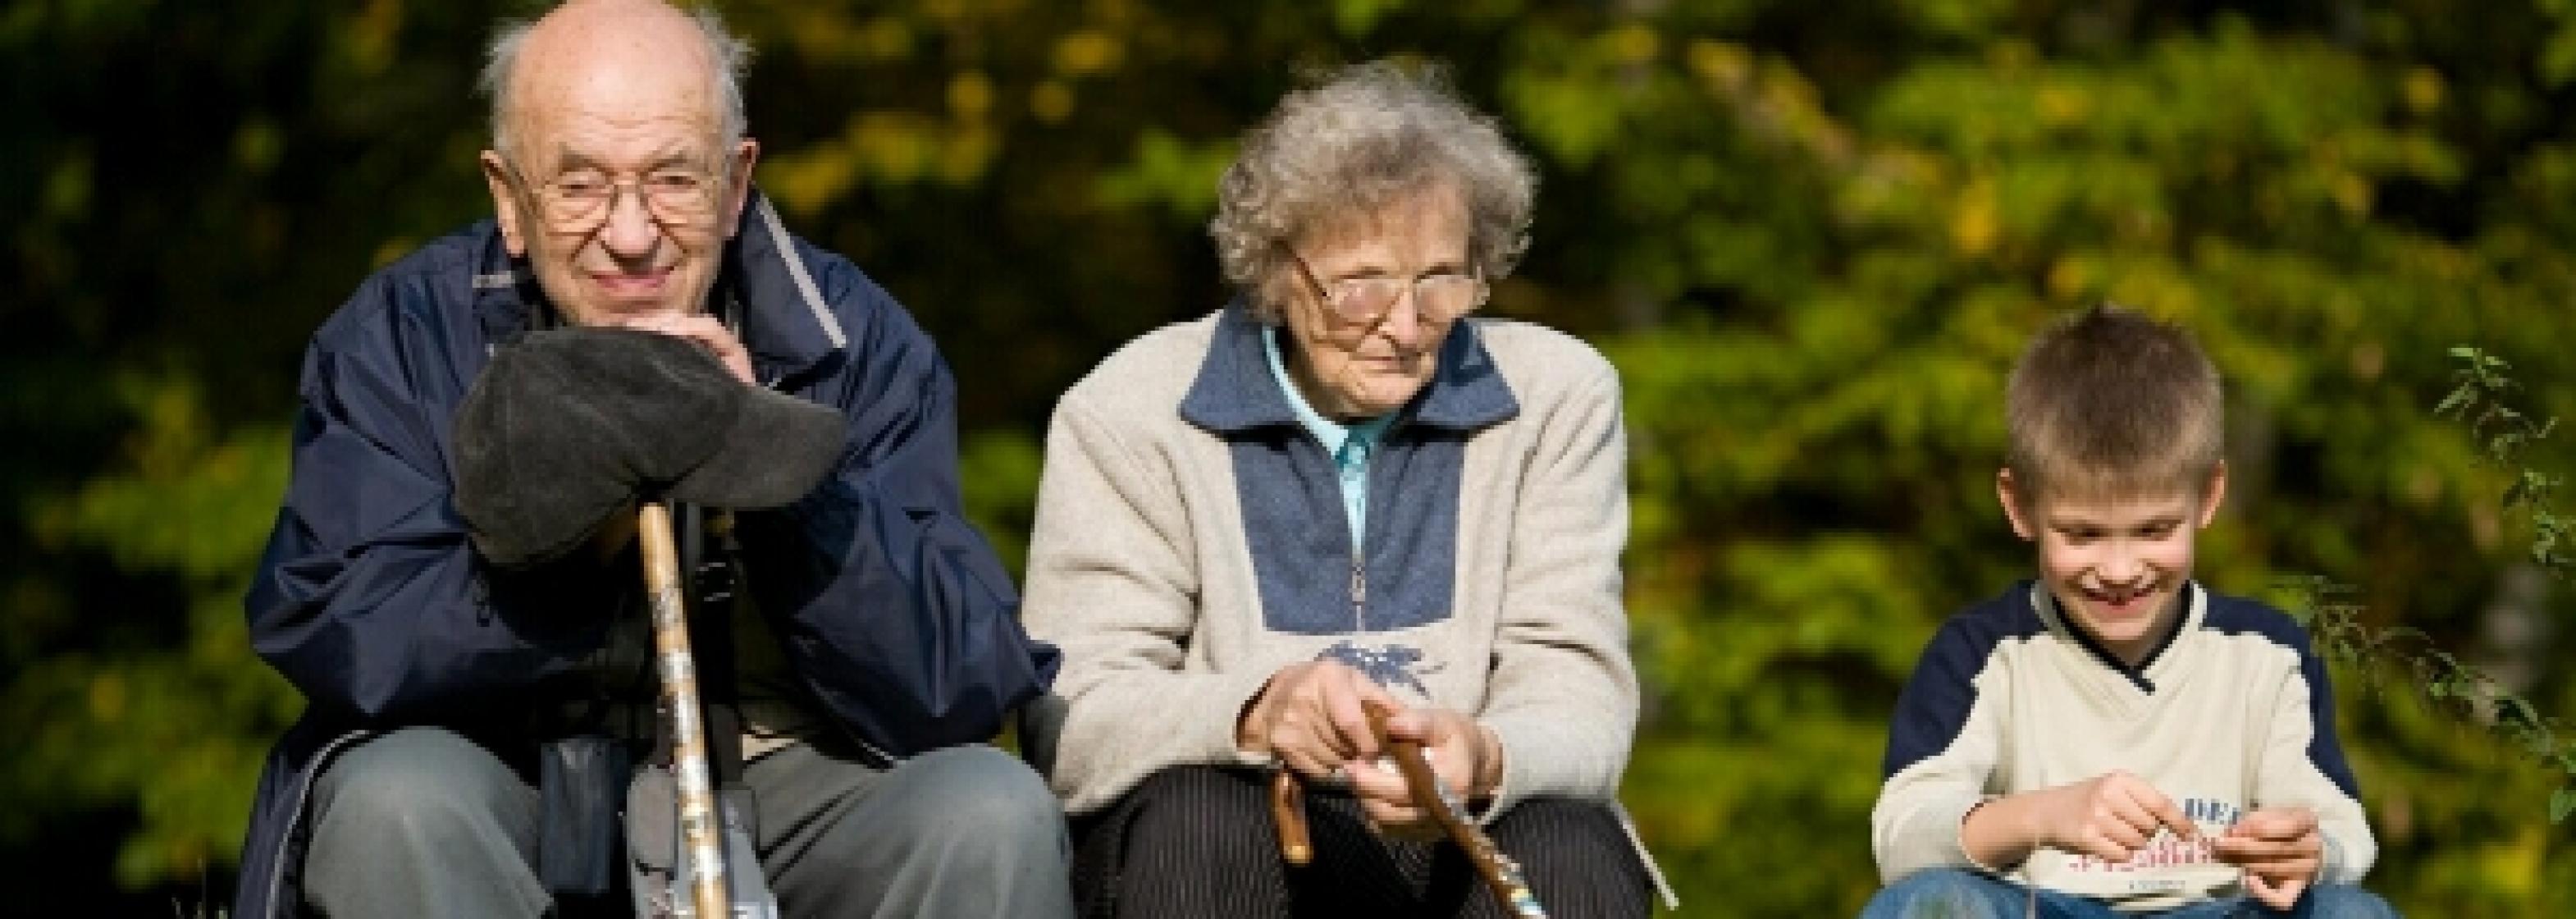 Menschen Gruppe Großeltern